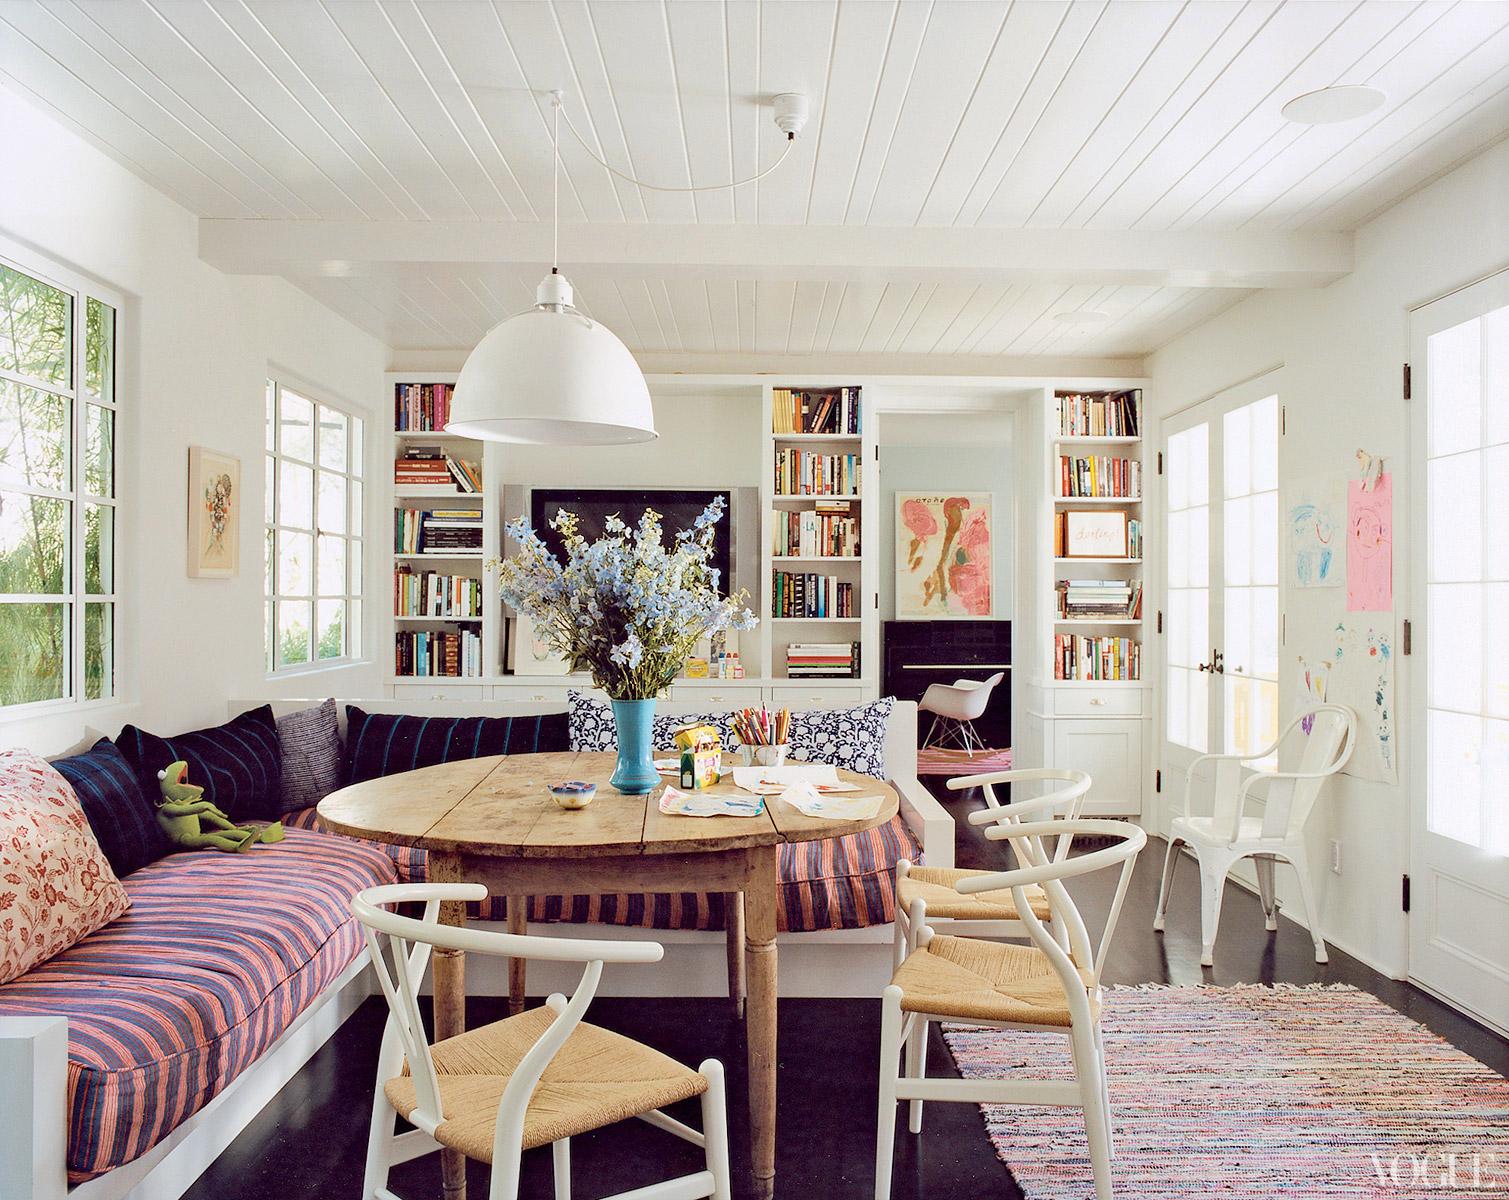 http://4.bp.blogspot.com/-uefylRlikLE/UBqBOT4ig9I/AAAAAAAABo4/3L_OARO186Q/s1600/1.+amanda+peet+vogue+habituallychic+living+room.jpg